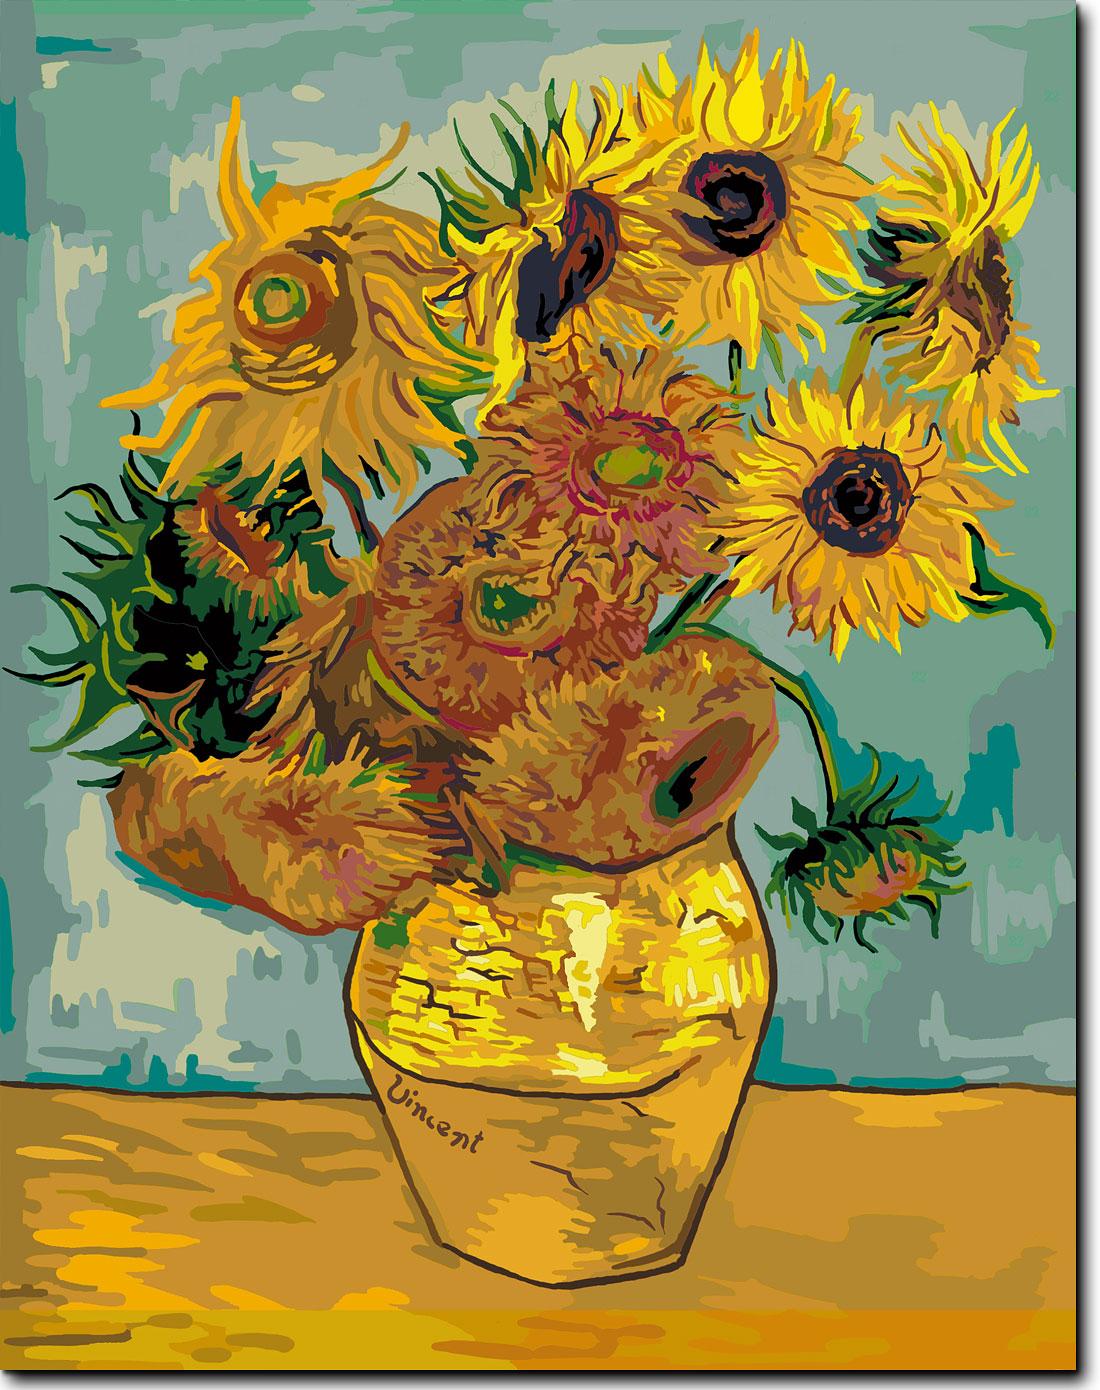 diy数字油画向日葵绷内框版 赠送仿世界名画一幅(梵高向日葵)